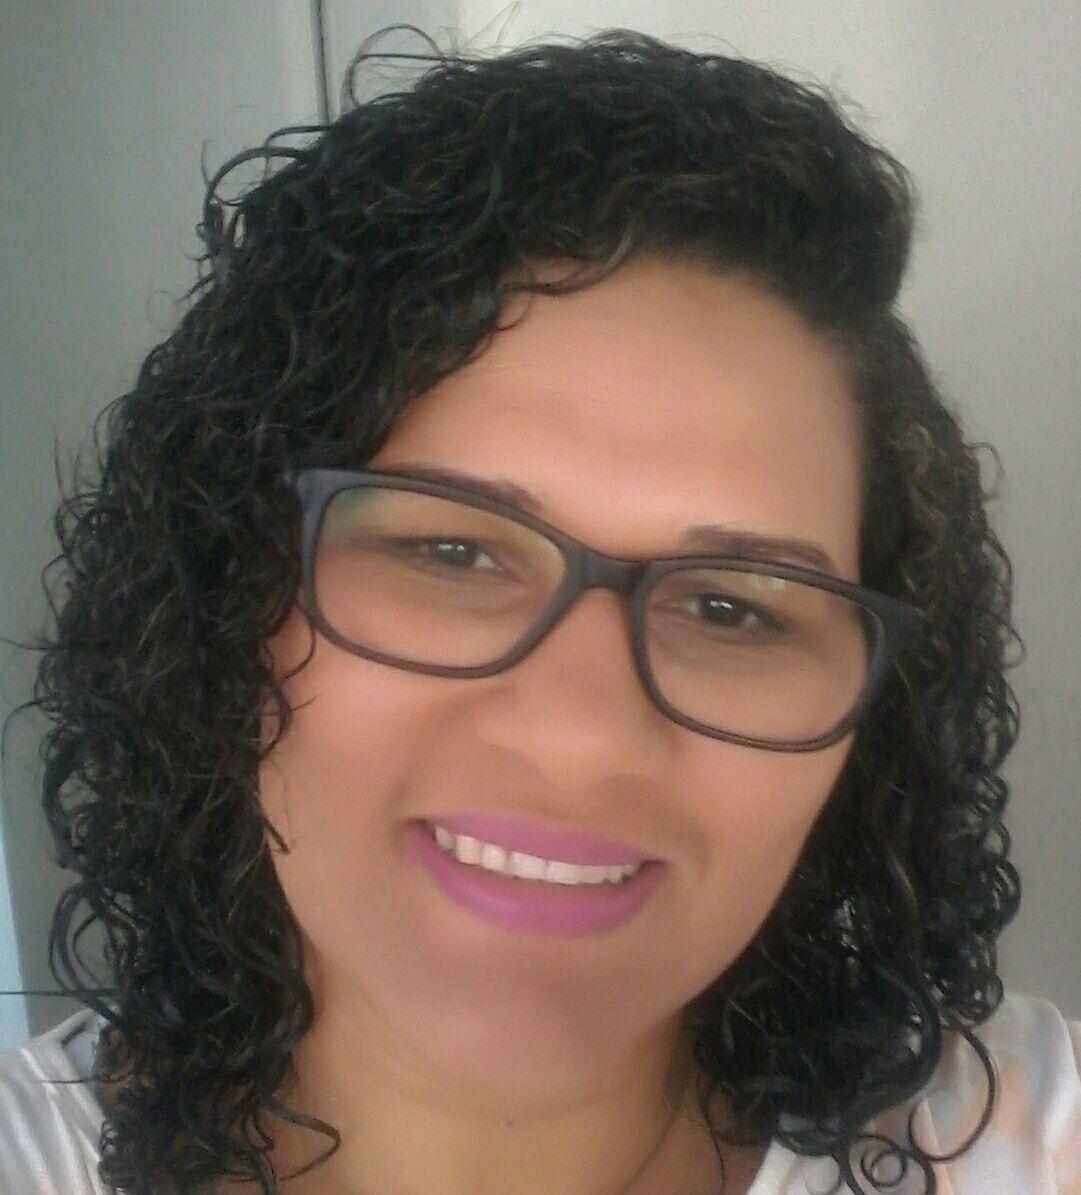 auxiliar cabeleireiro(a) designer de sobrancelhas recepcionista escovista auxiliar administrativo